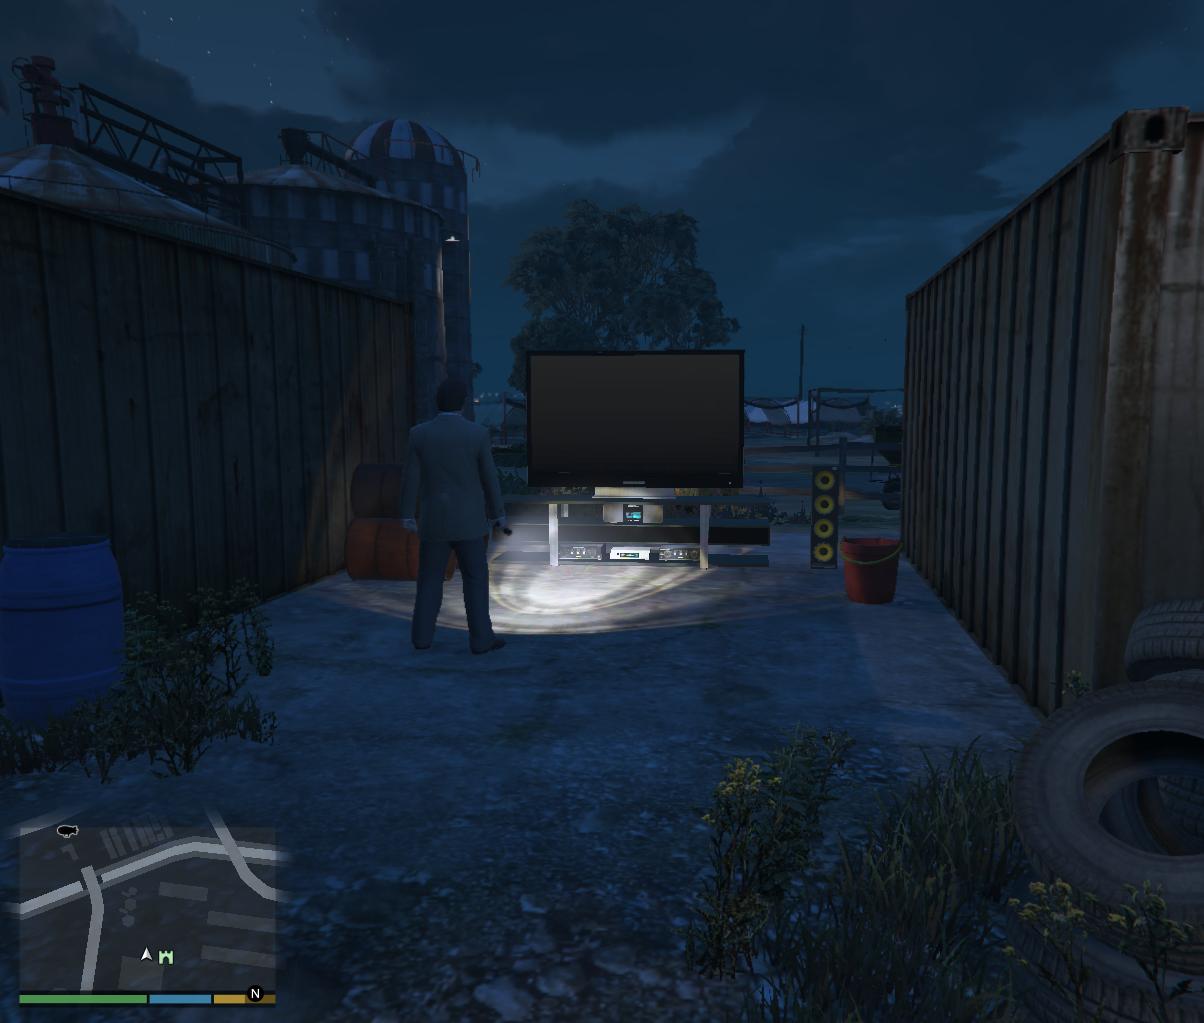 Gta 5 Garage: Drug Laboratory